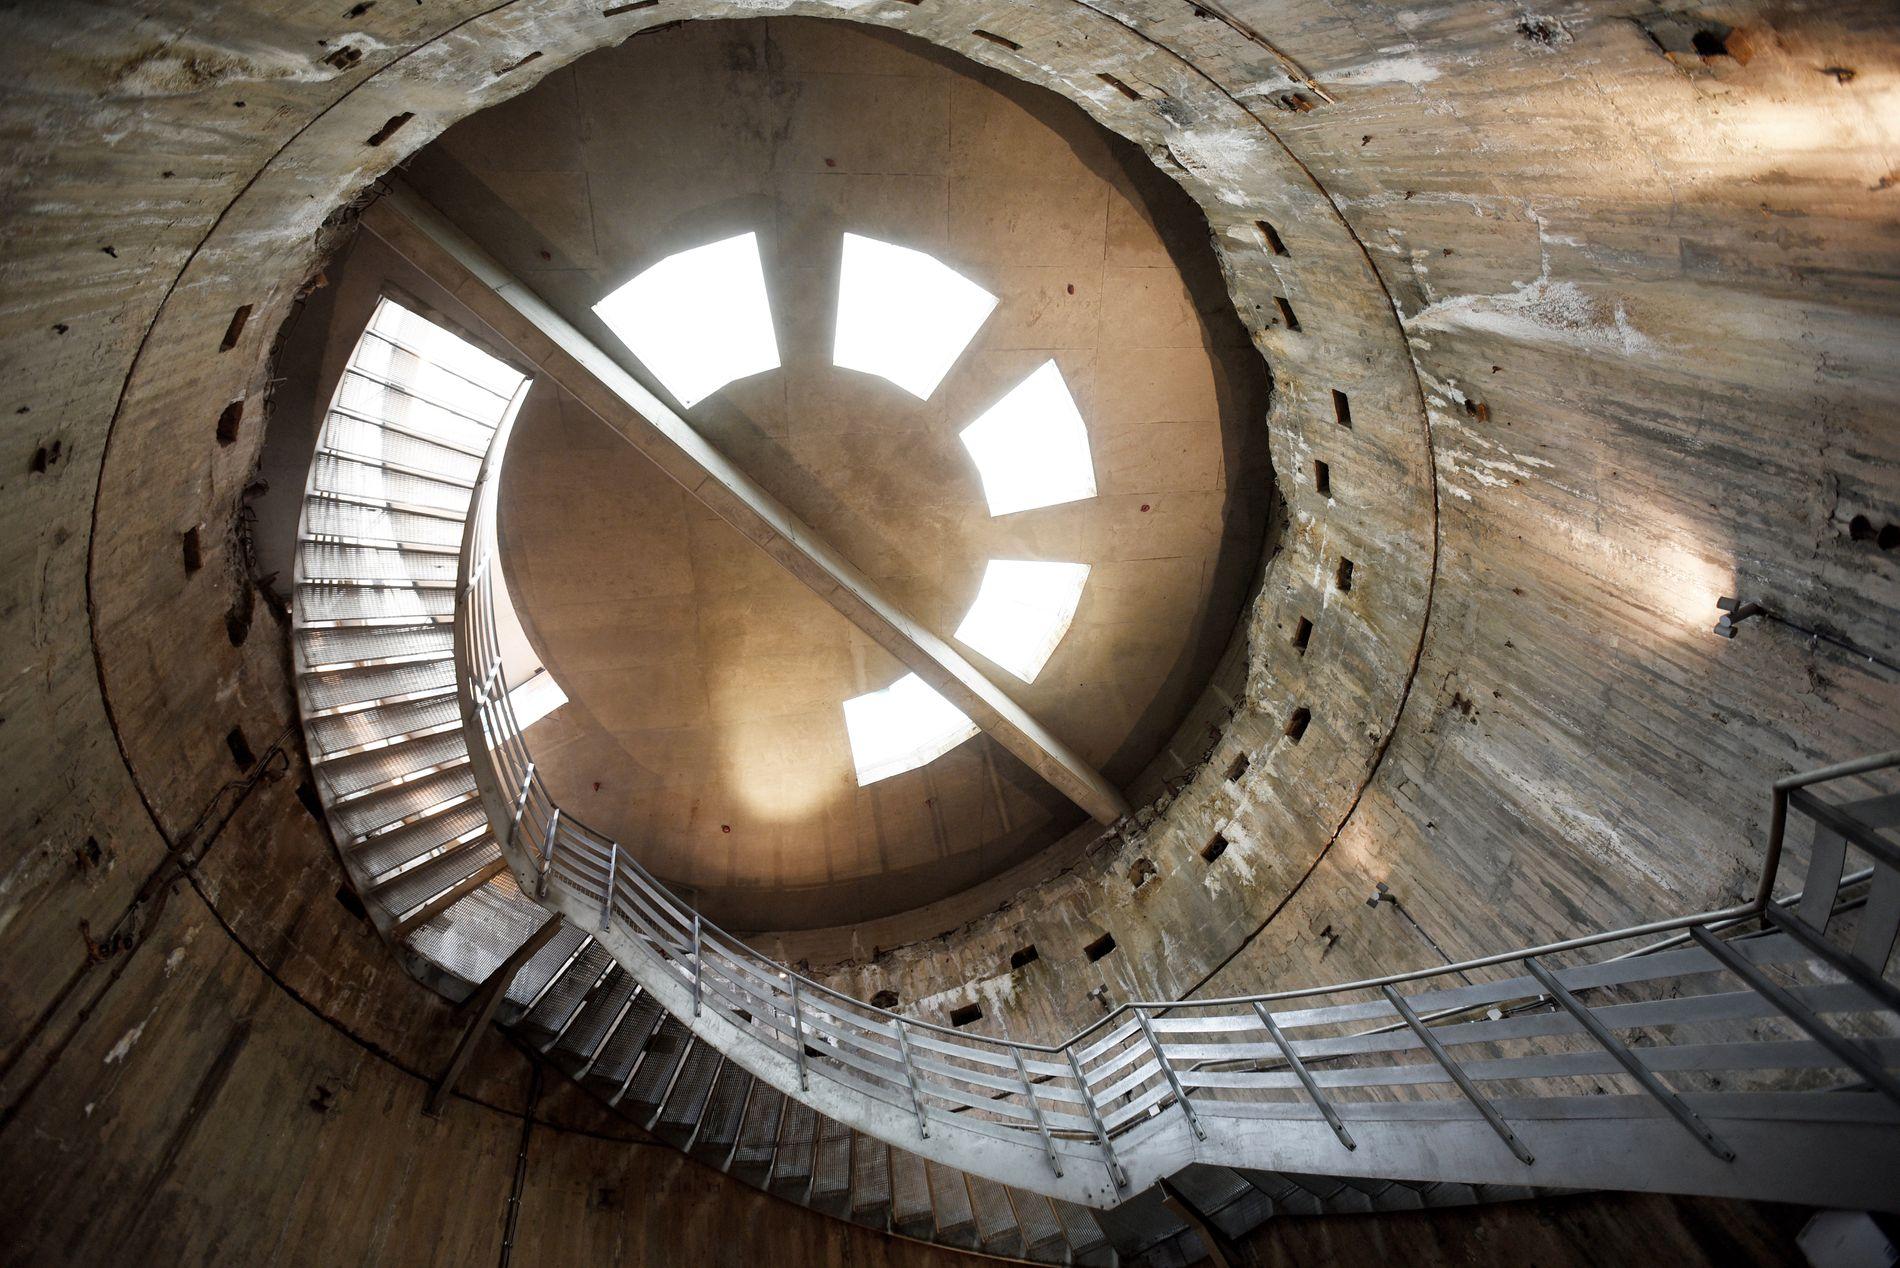 KANON KONSERT: William Hut er blant artistene som skal spille inne i det gamle kanontårnet på Fjell Festning under årets Festningsrock.